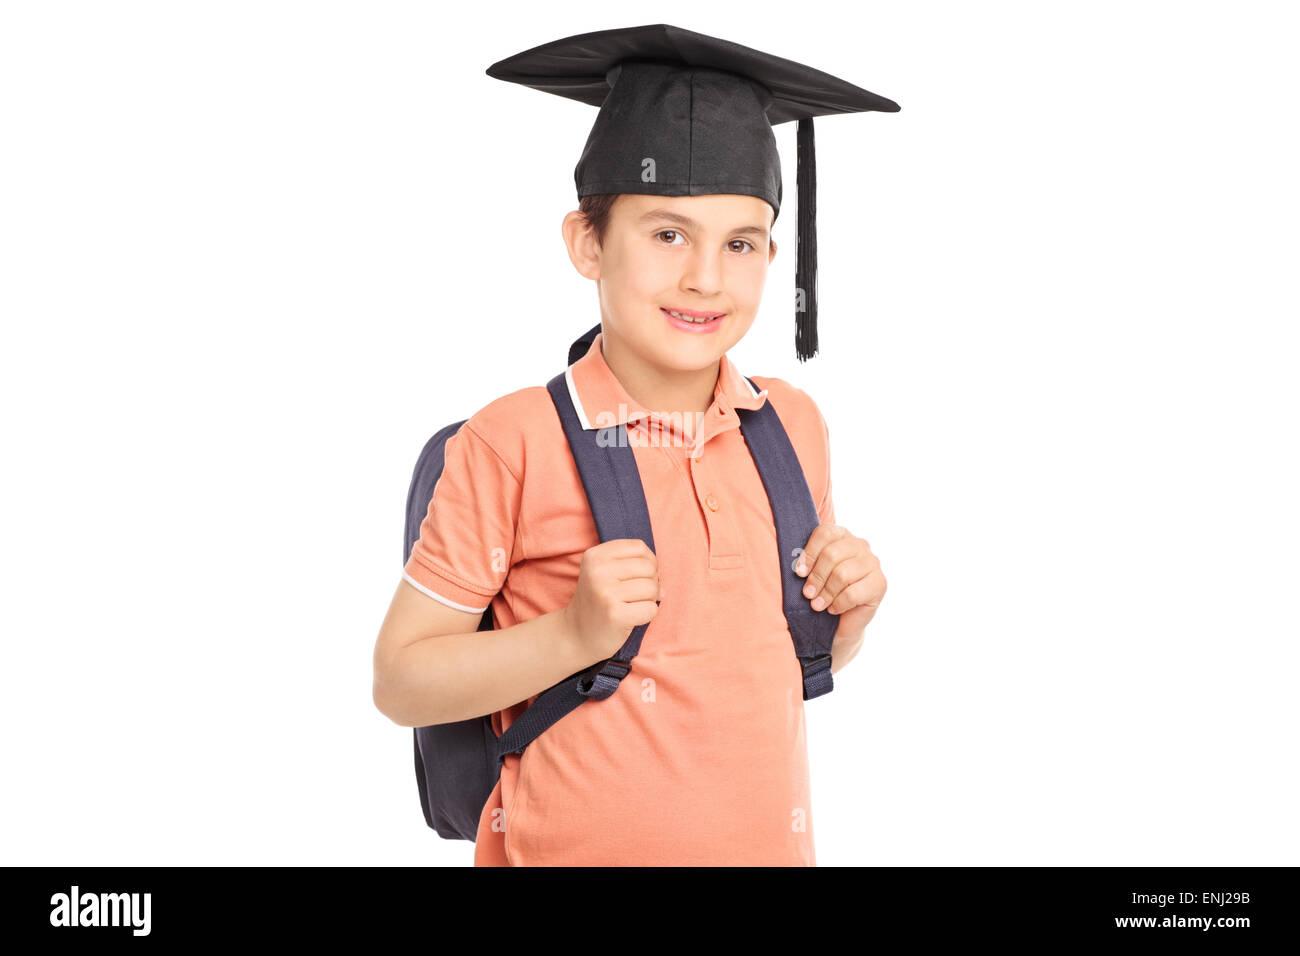 Schüler In Die Kamera Schaut Rucksack Und Einen Abschluss Hut